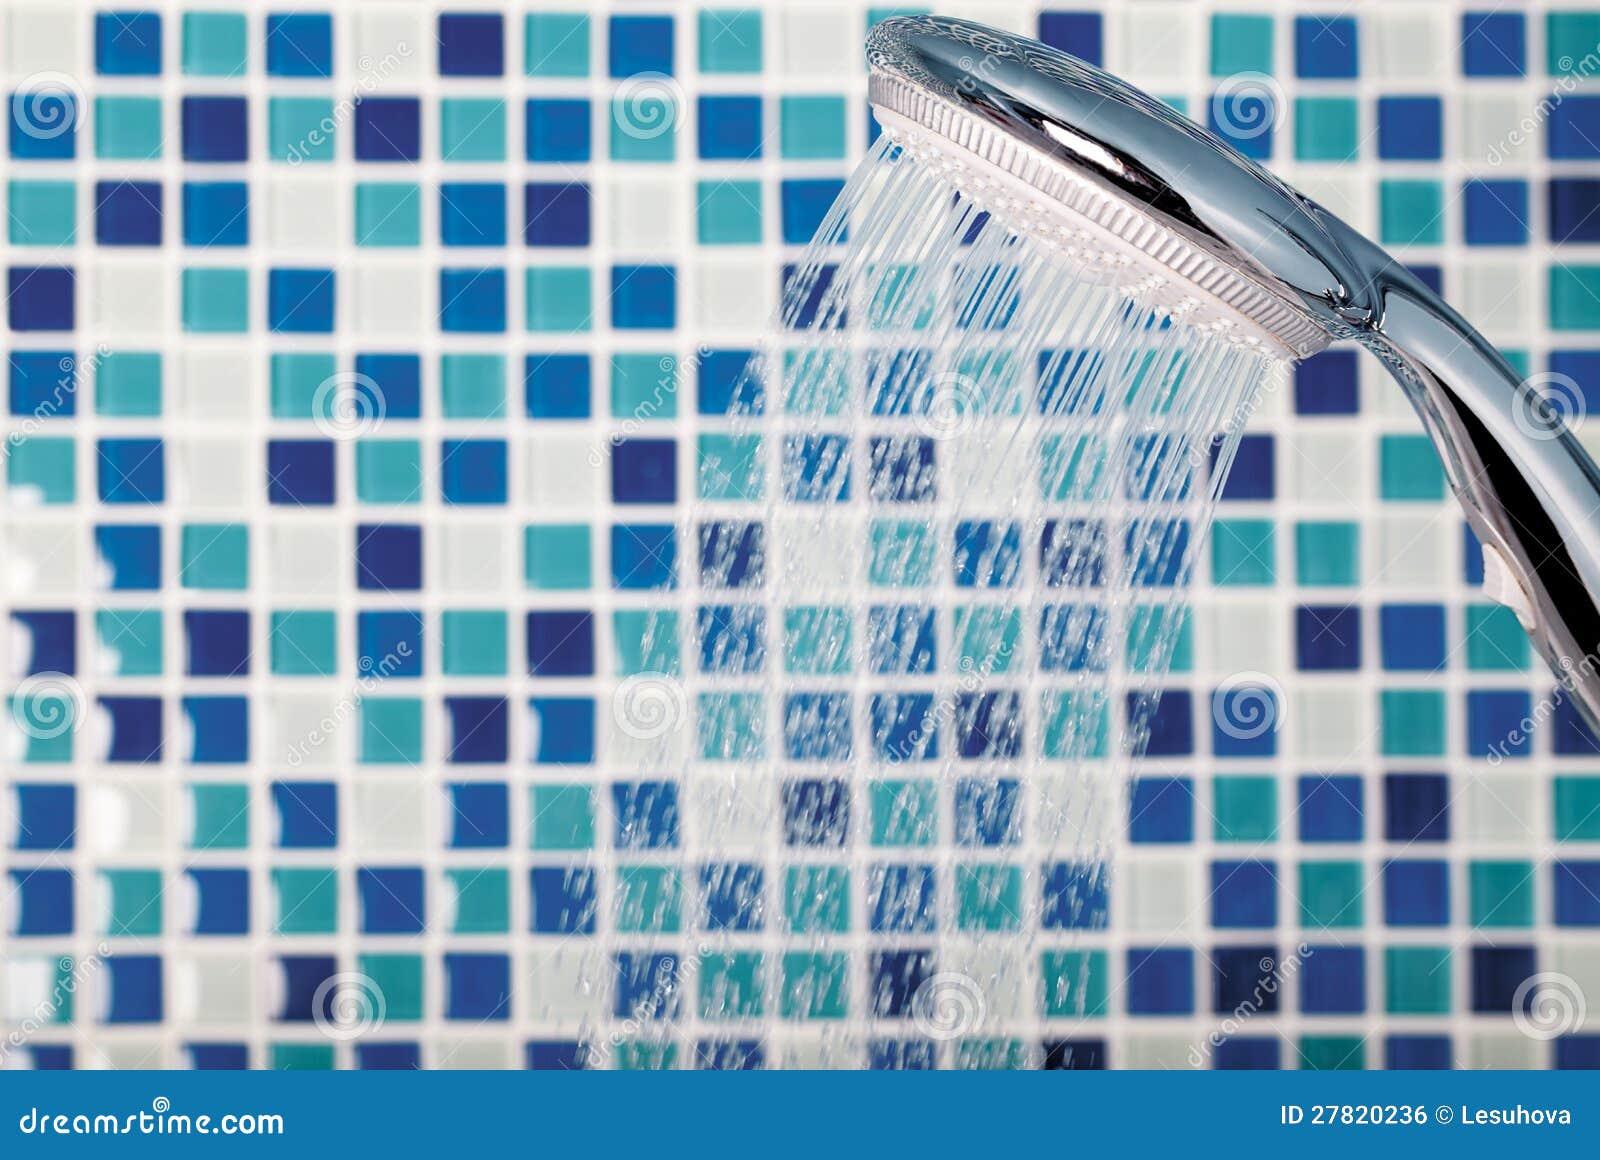 Acquazzone Sul Mosaico Della Priorità Bassa Nella Stanza Da Bagno #277499 1300 959 Quadri Shabby Chic Sala Da Pranzo